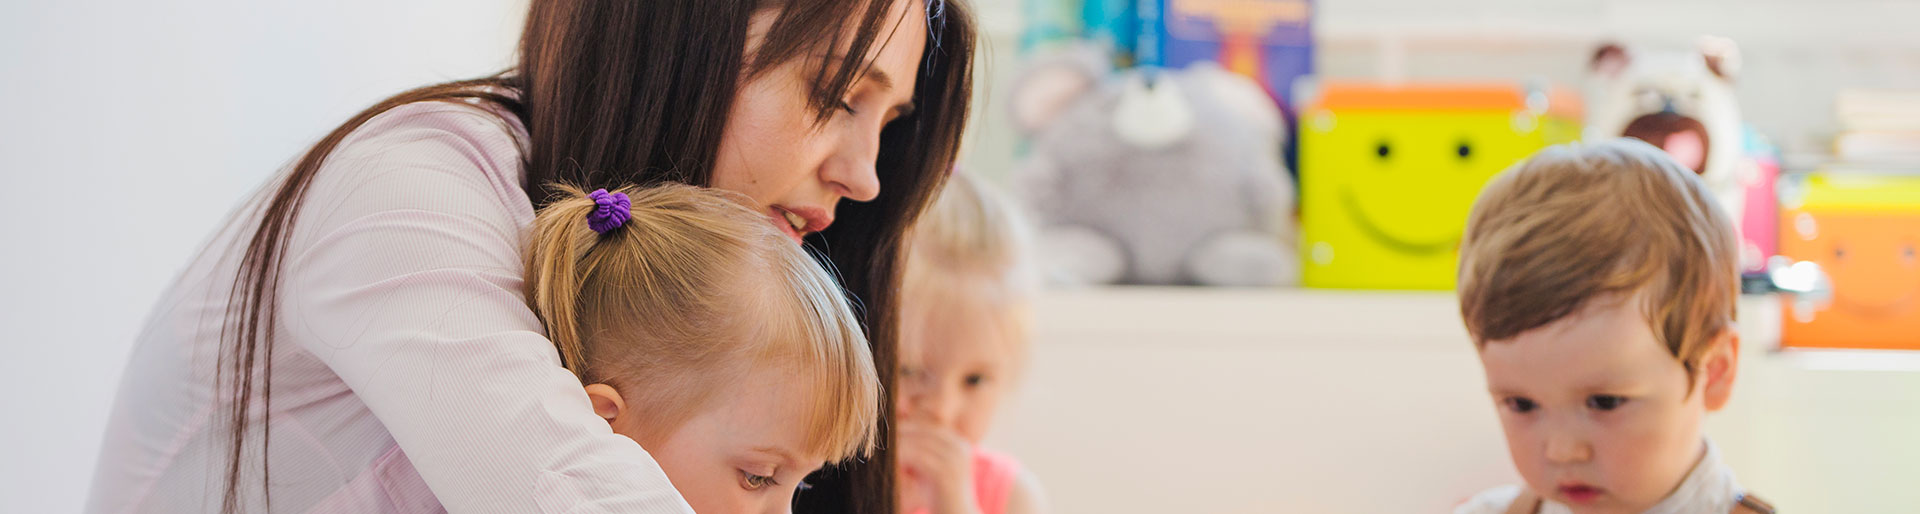 DE AES - Femme s'occupant d'enfants